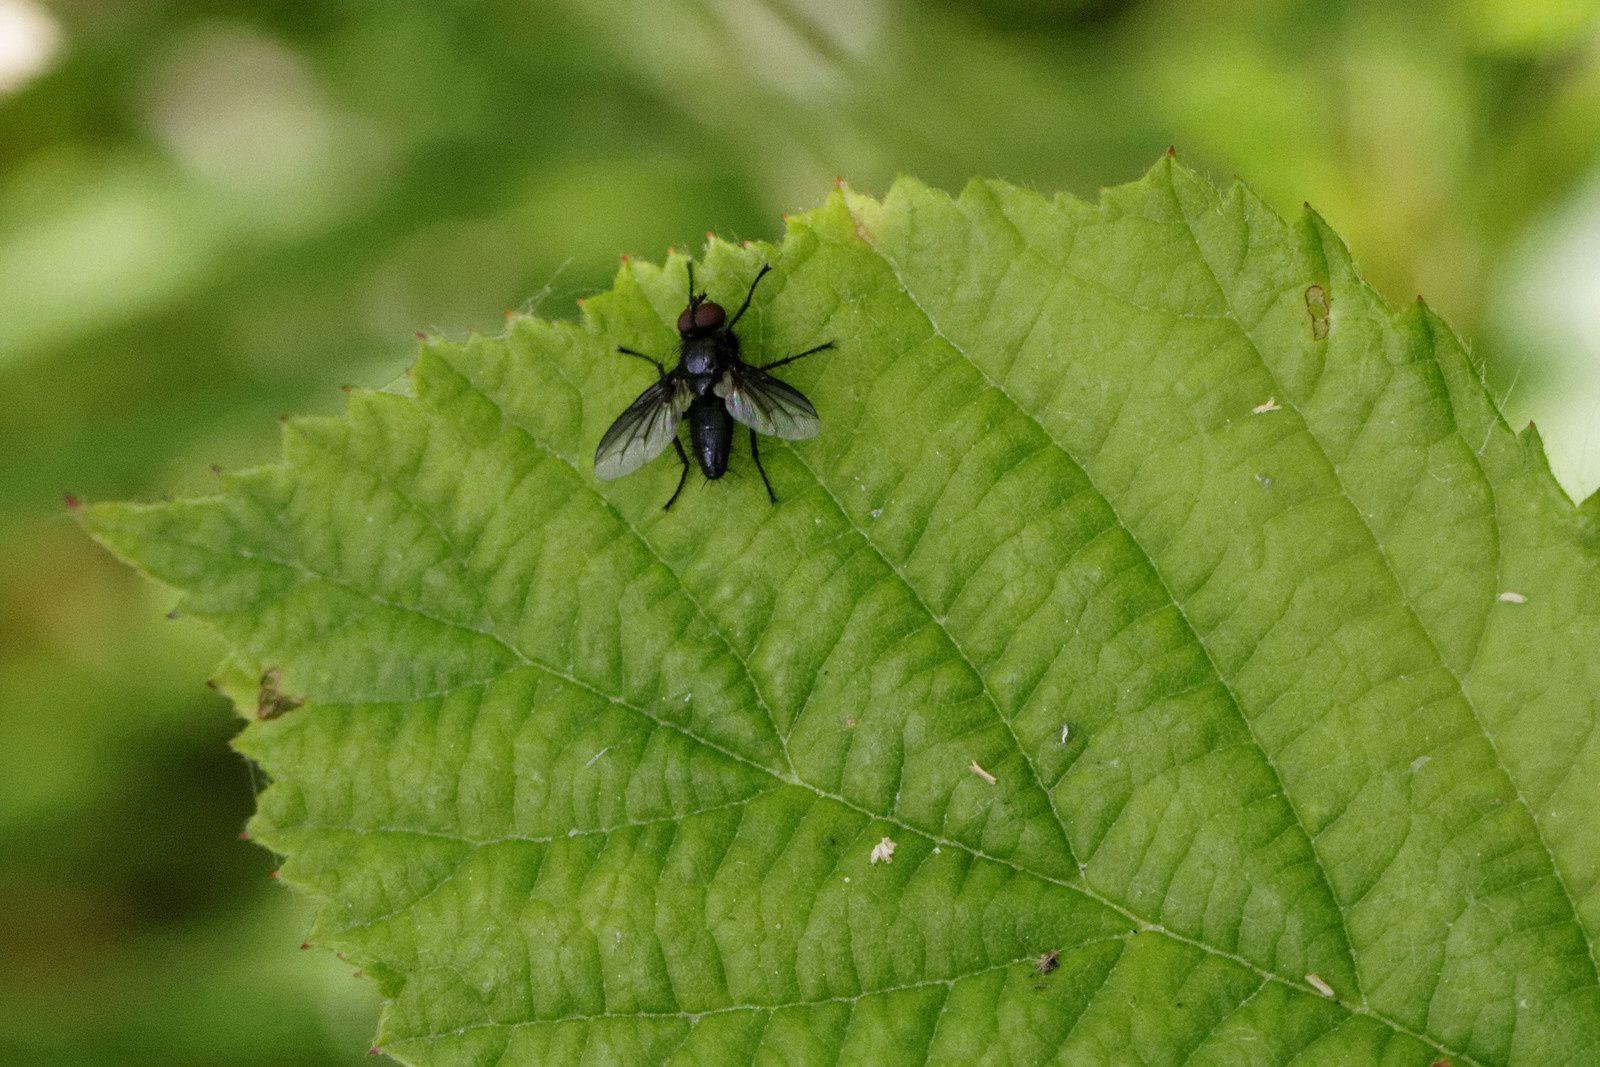 Une Mouche, espèce : Tachinide - mâle